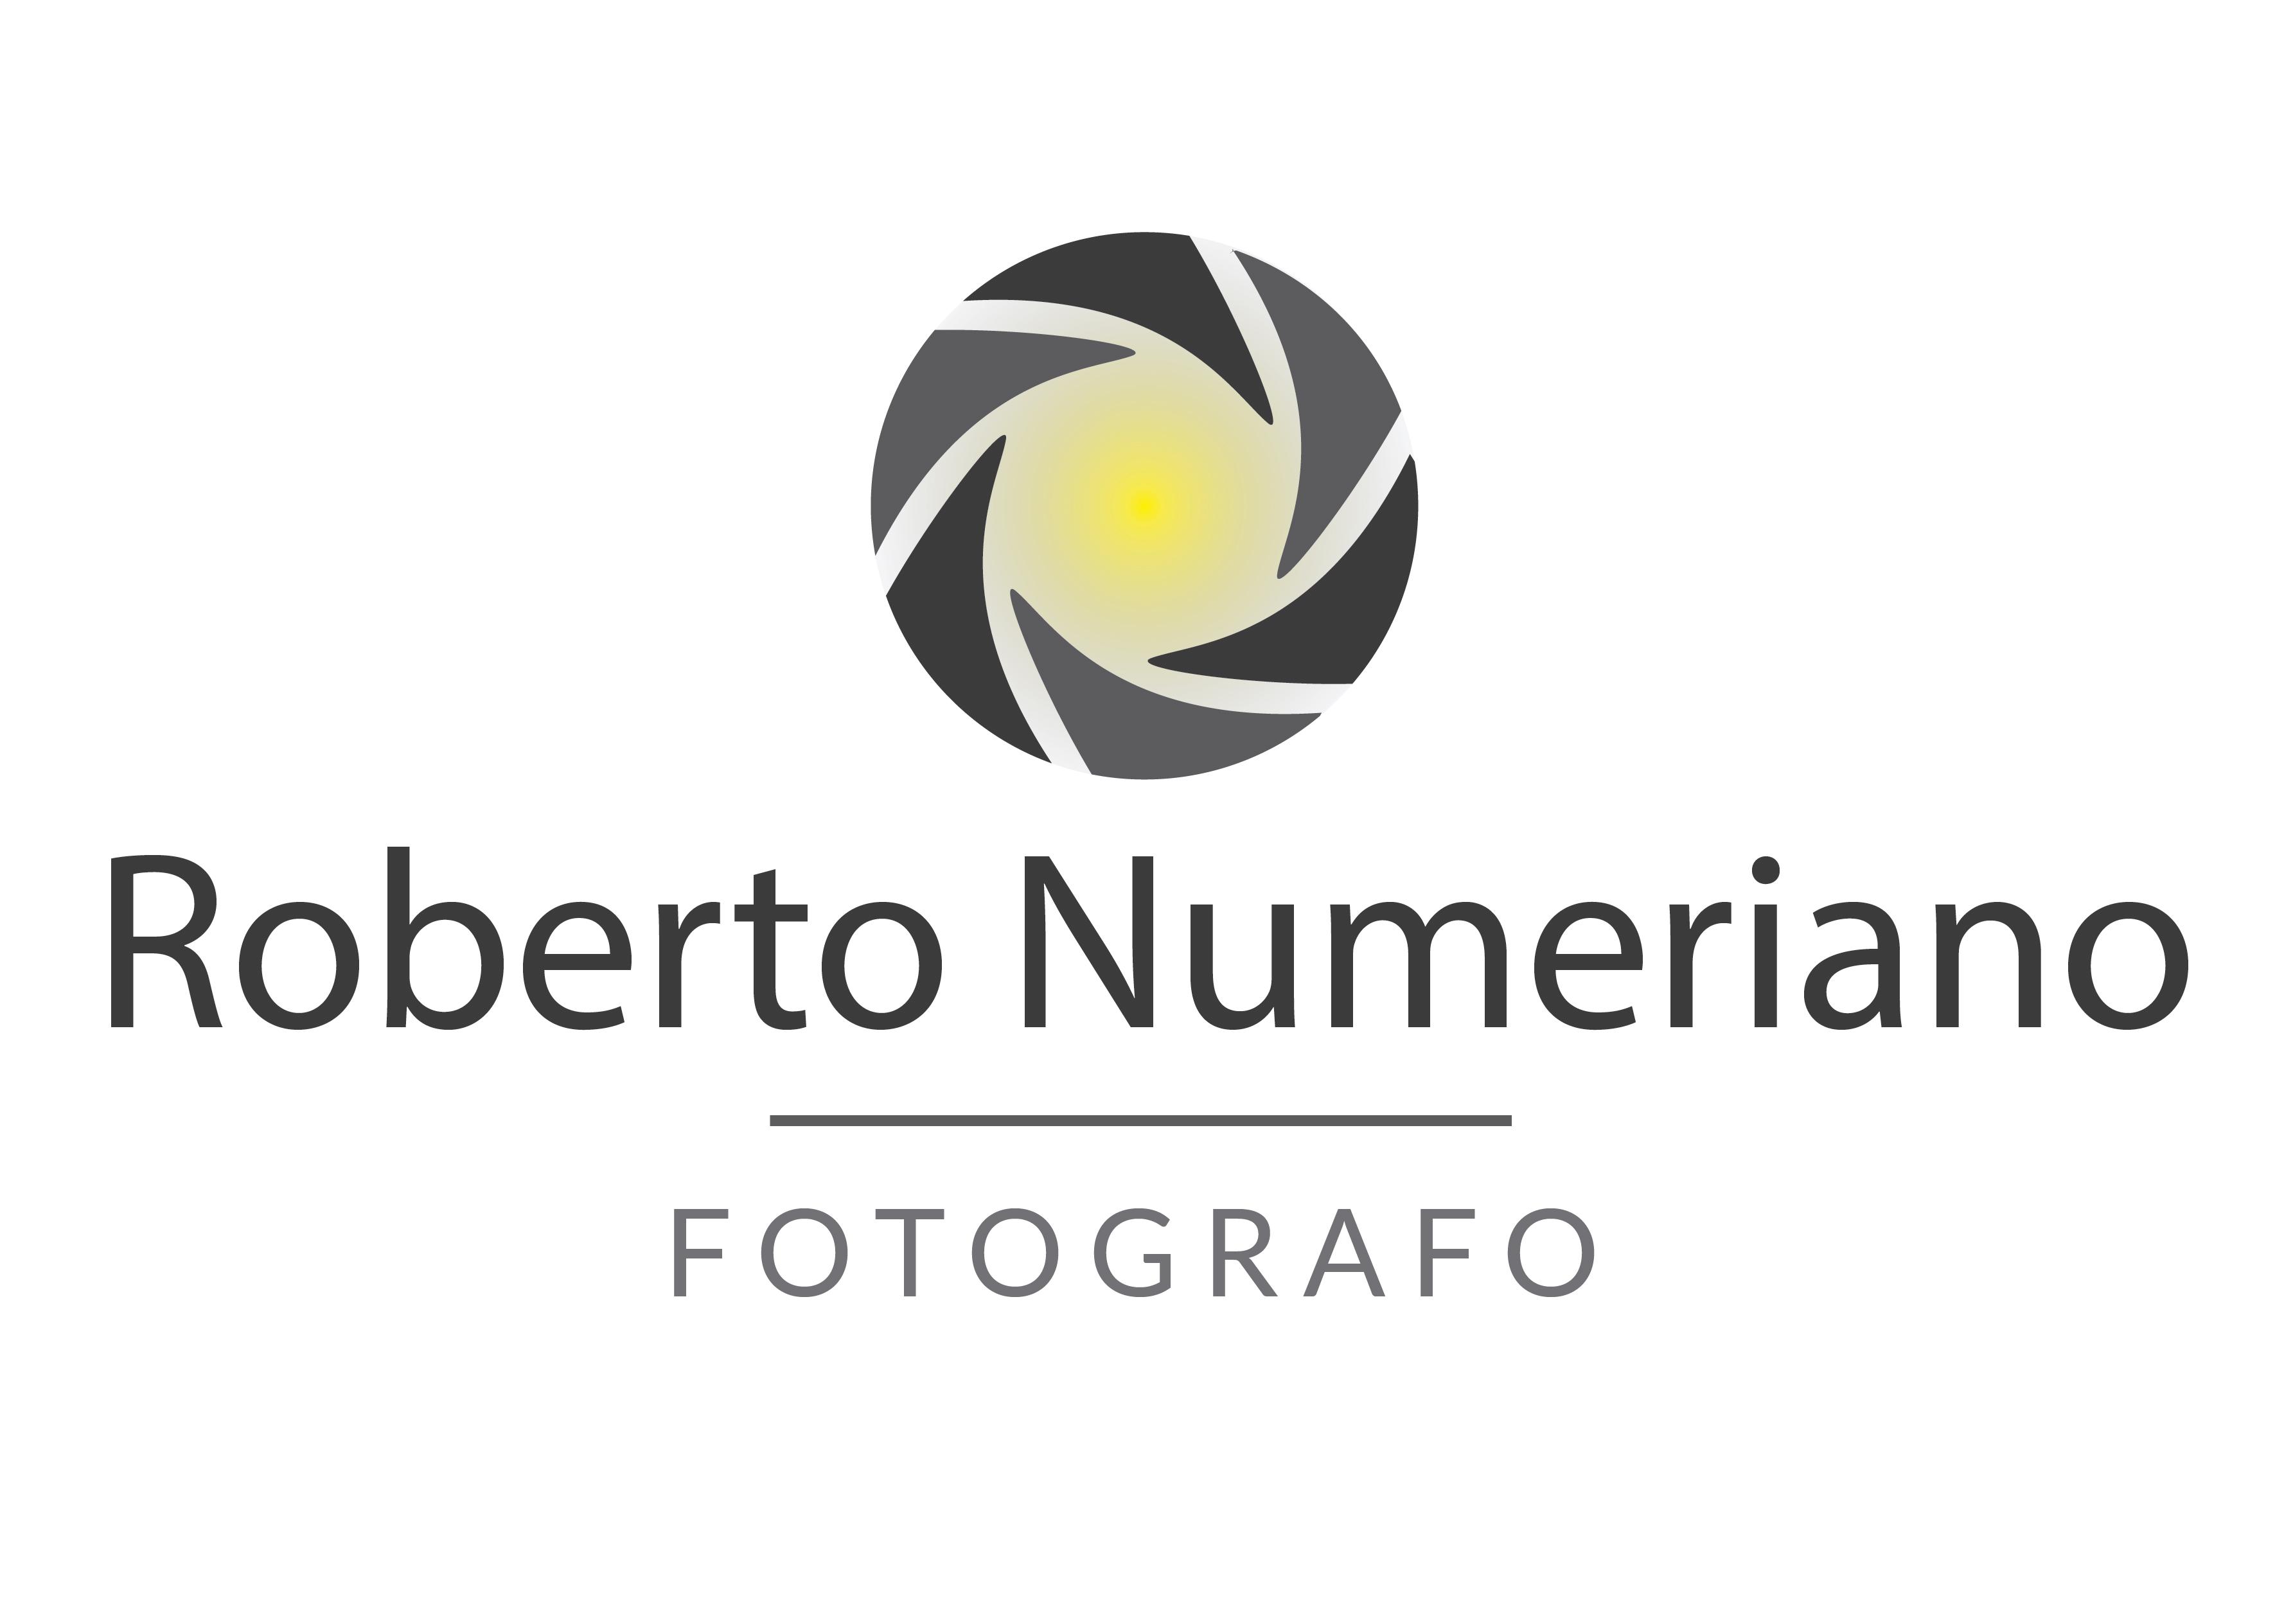 Roberto Numeriano Fotografo